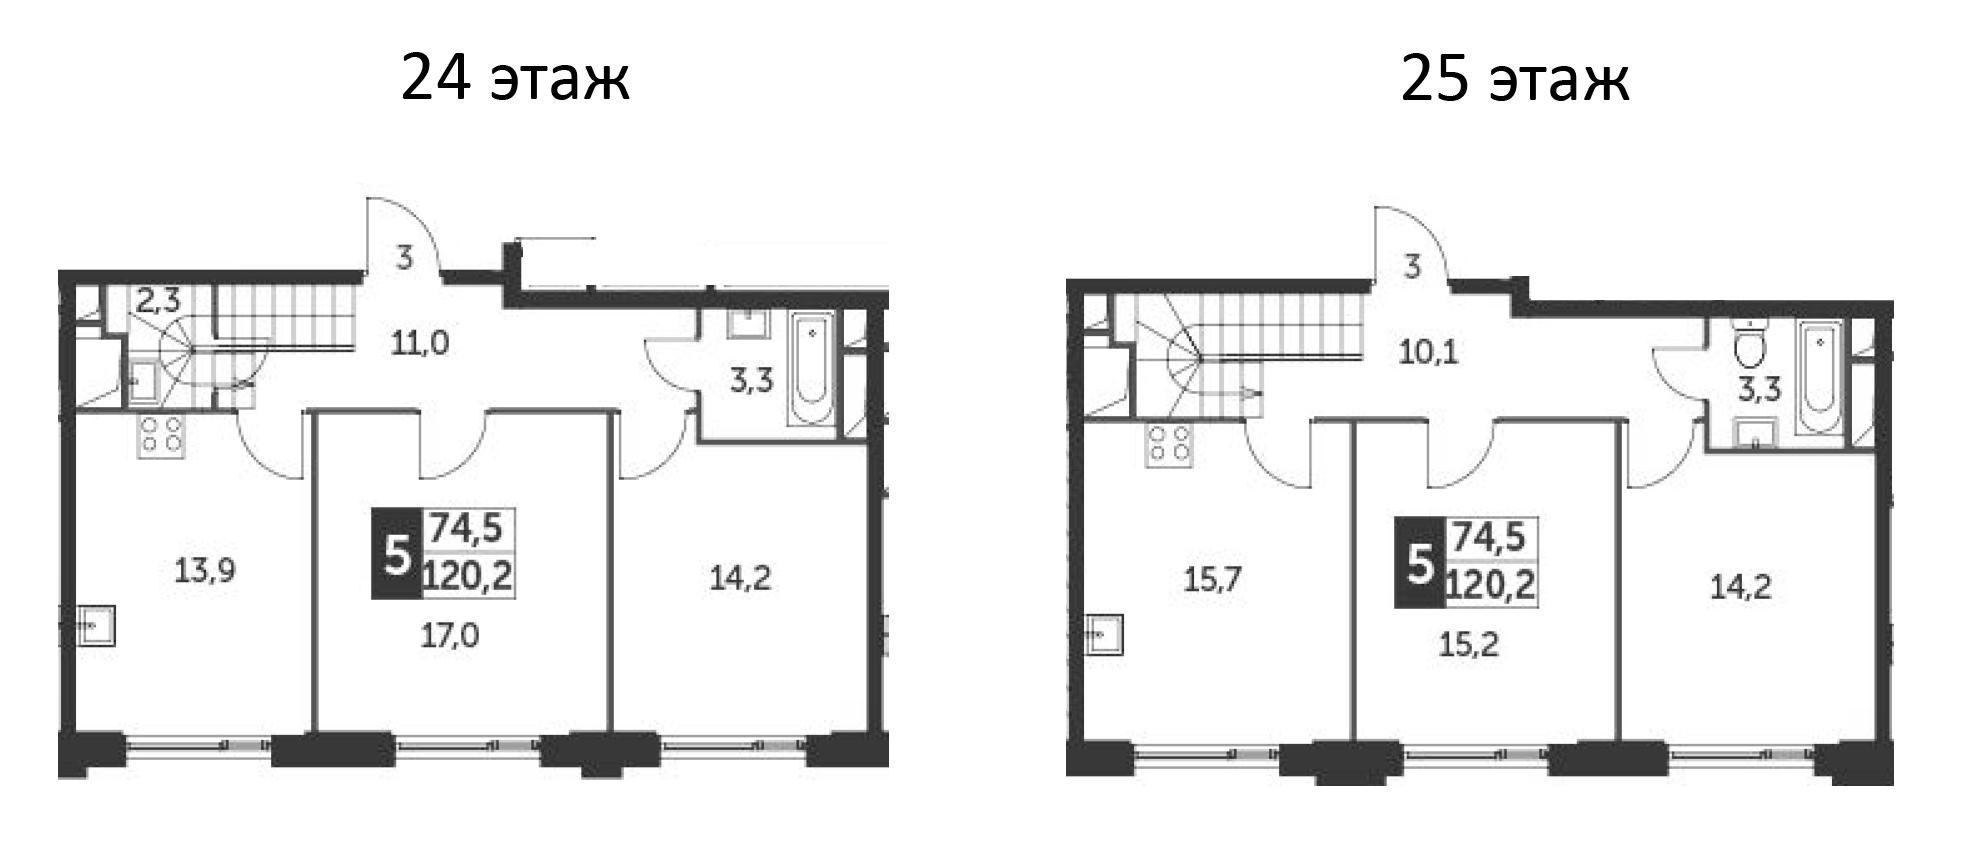 5-комнатная квартира, 120.2 м², 24 этаж – Планировка